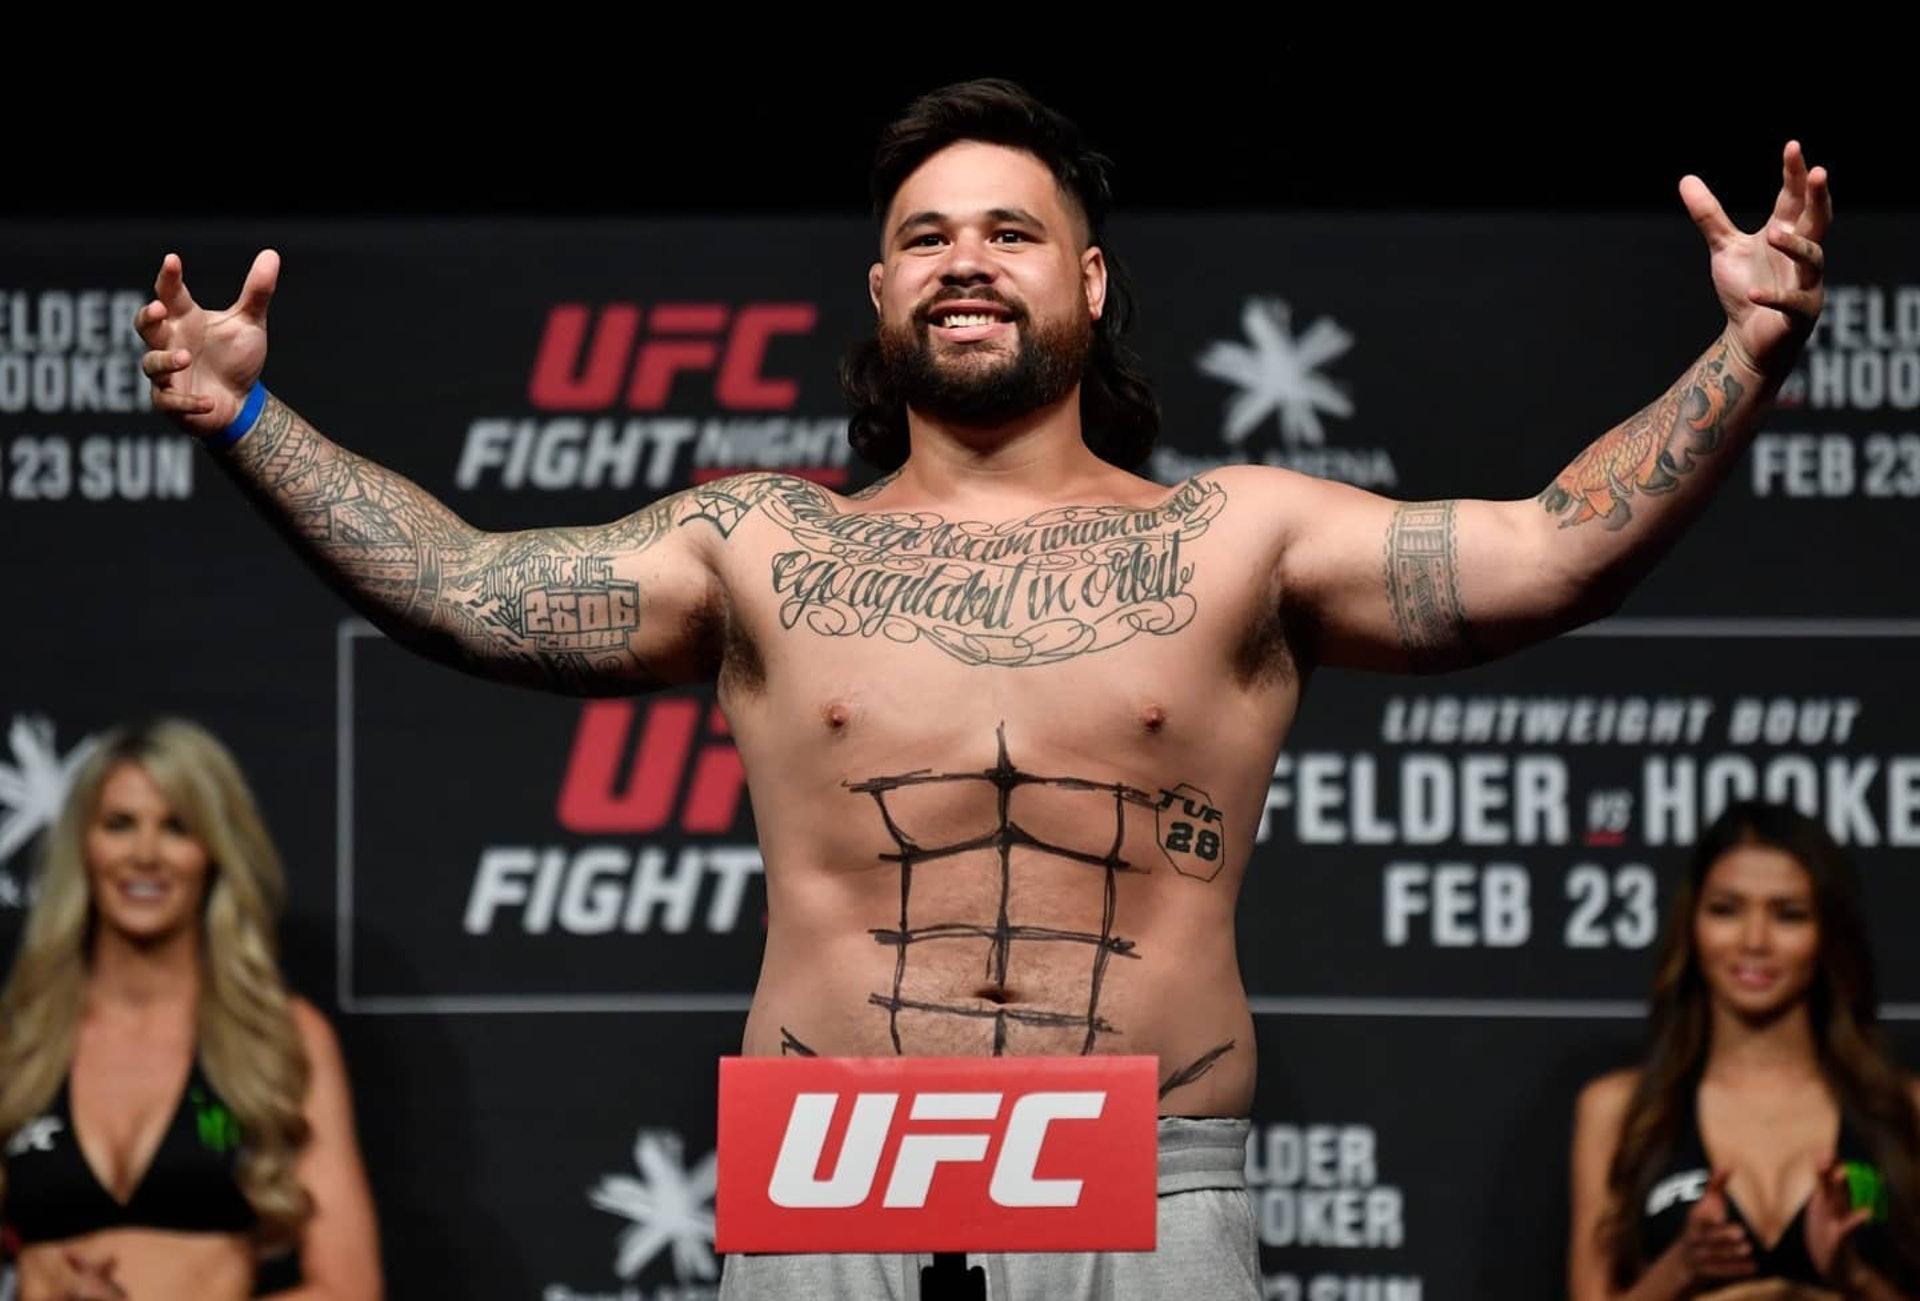 UFC拳手兼职酒吧保安,一拳打碎醉汉下巴,骨折有永不愈合风险